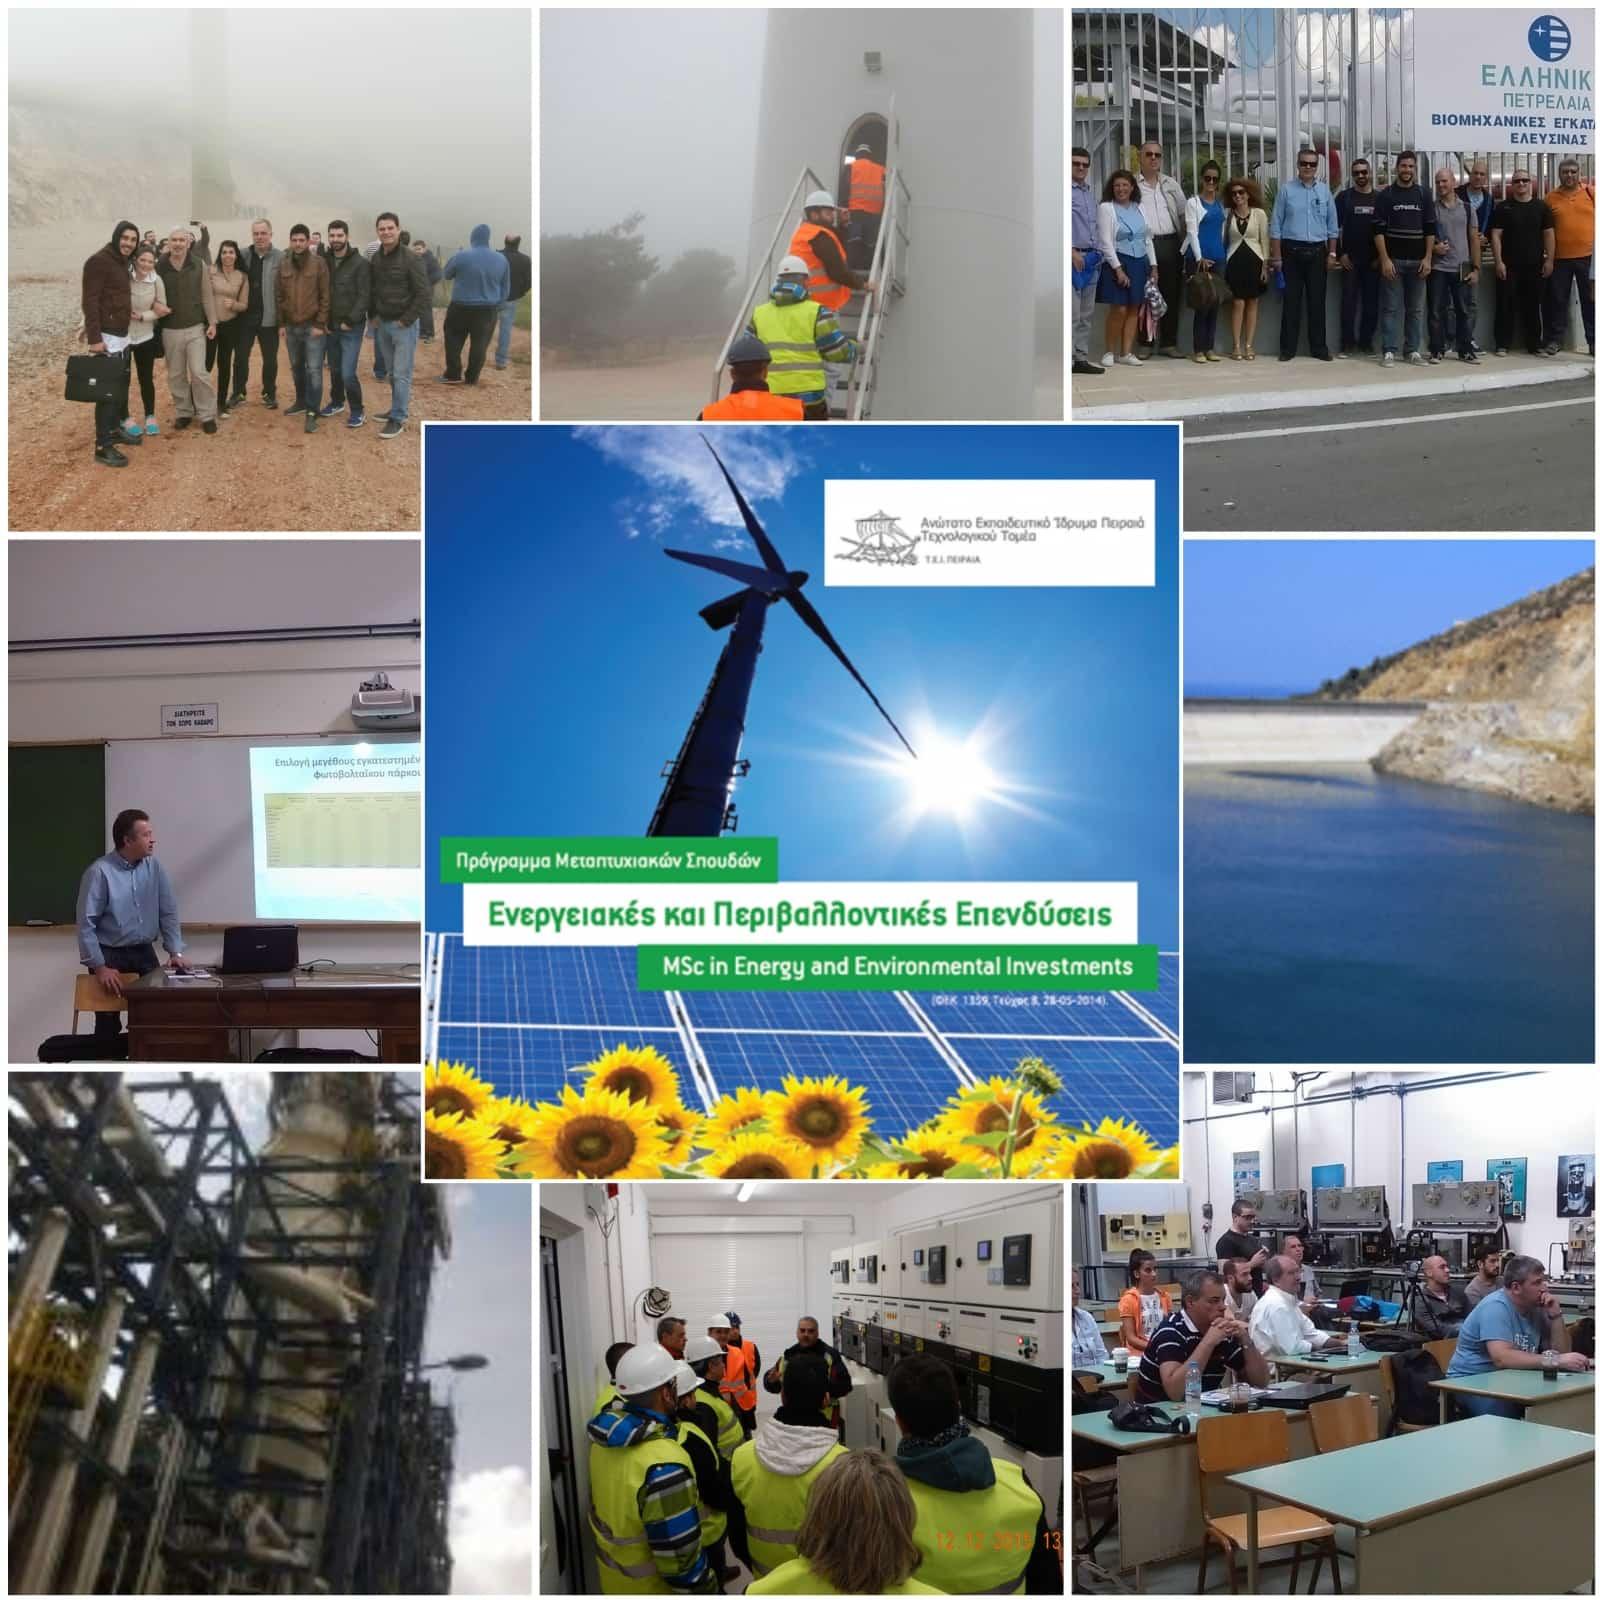 Ανακοίνωση 5ου Κύκλου ΠΜΣ 'Ενεργειακές και Περιβαλλοντικές Επενδύσεις'